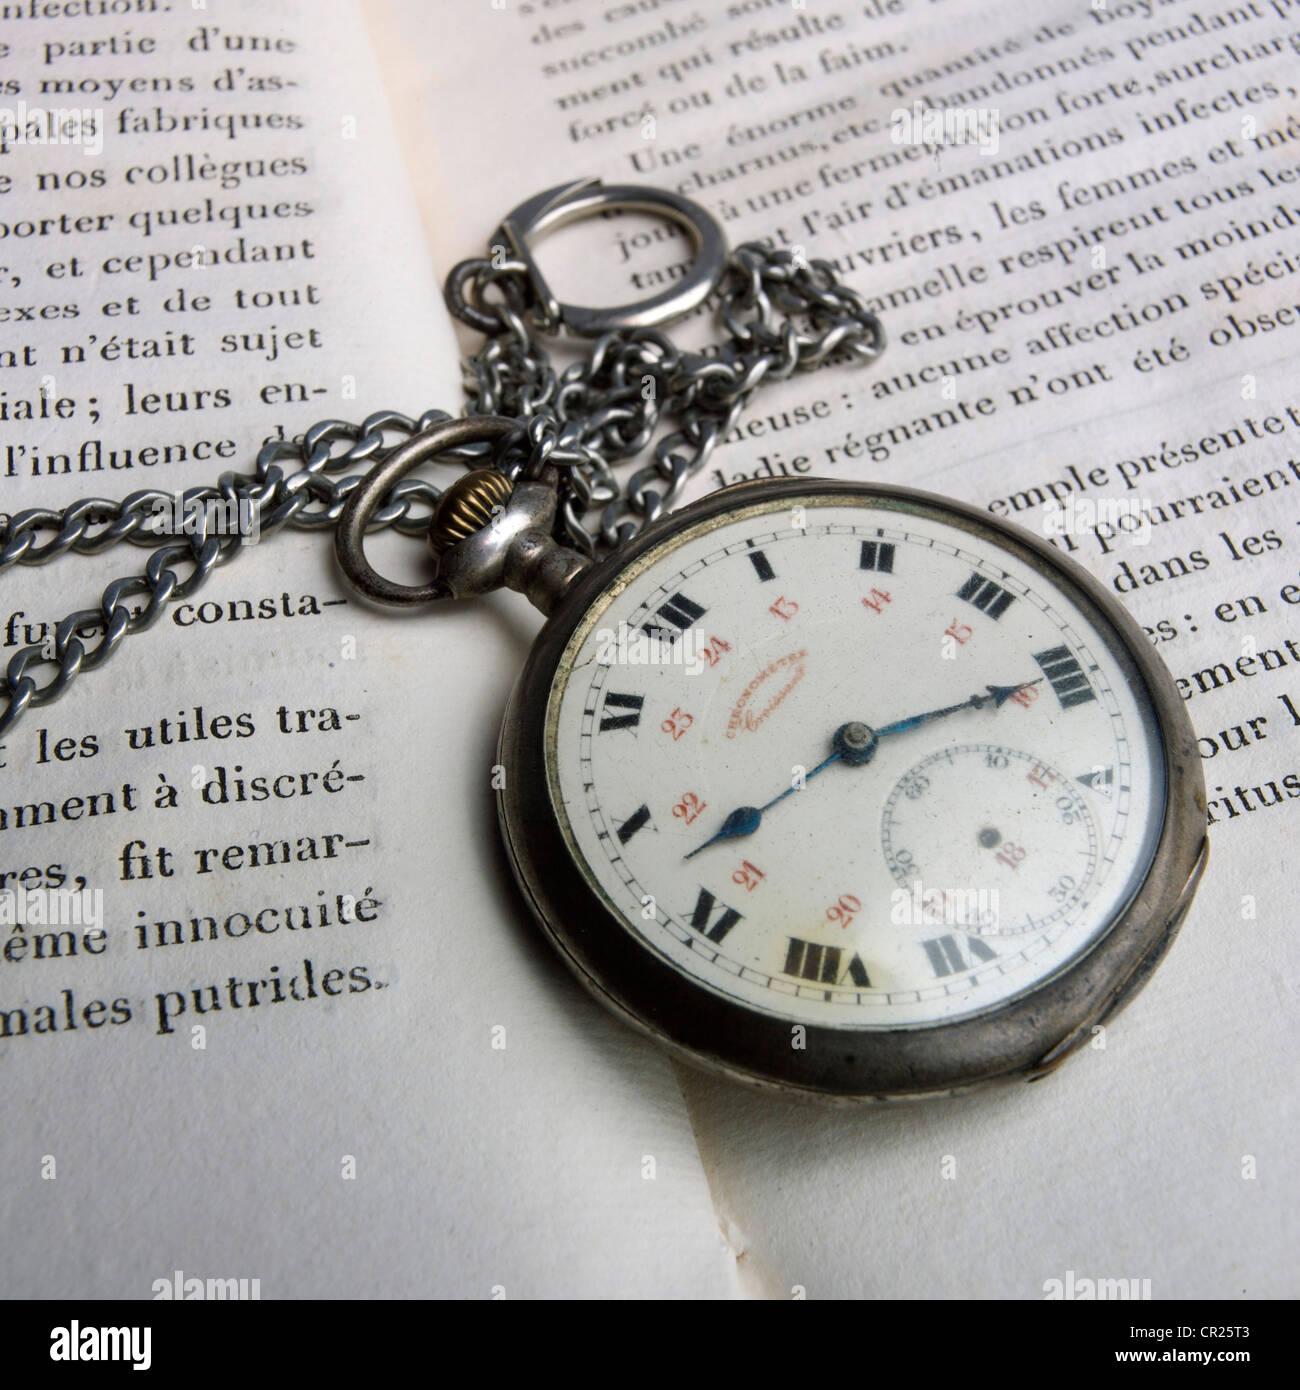 Montre de poche et ouvrir livre en français. Photo Stock